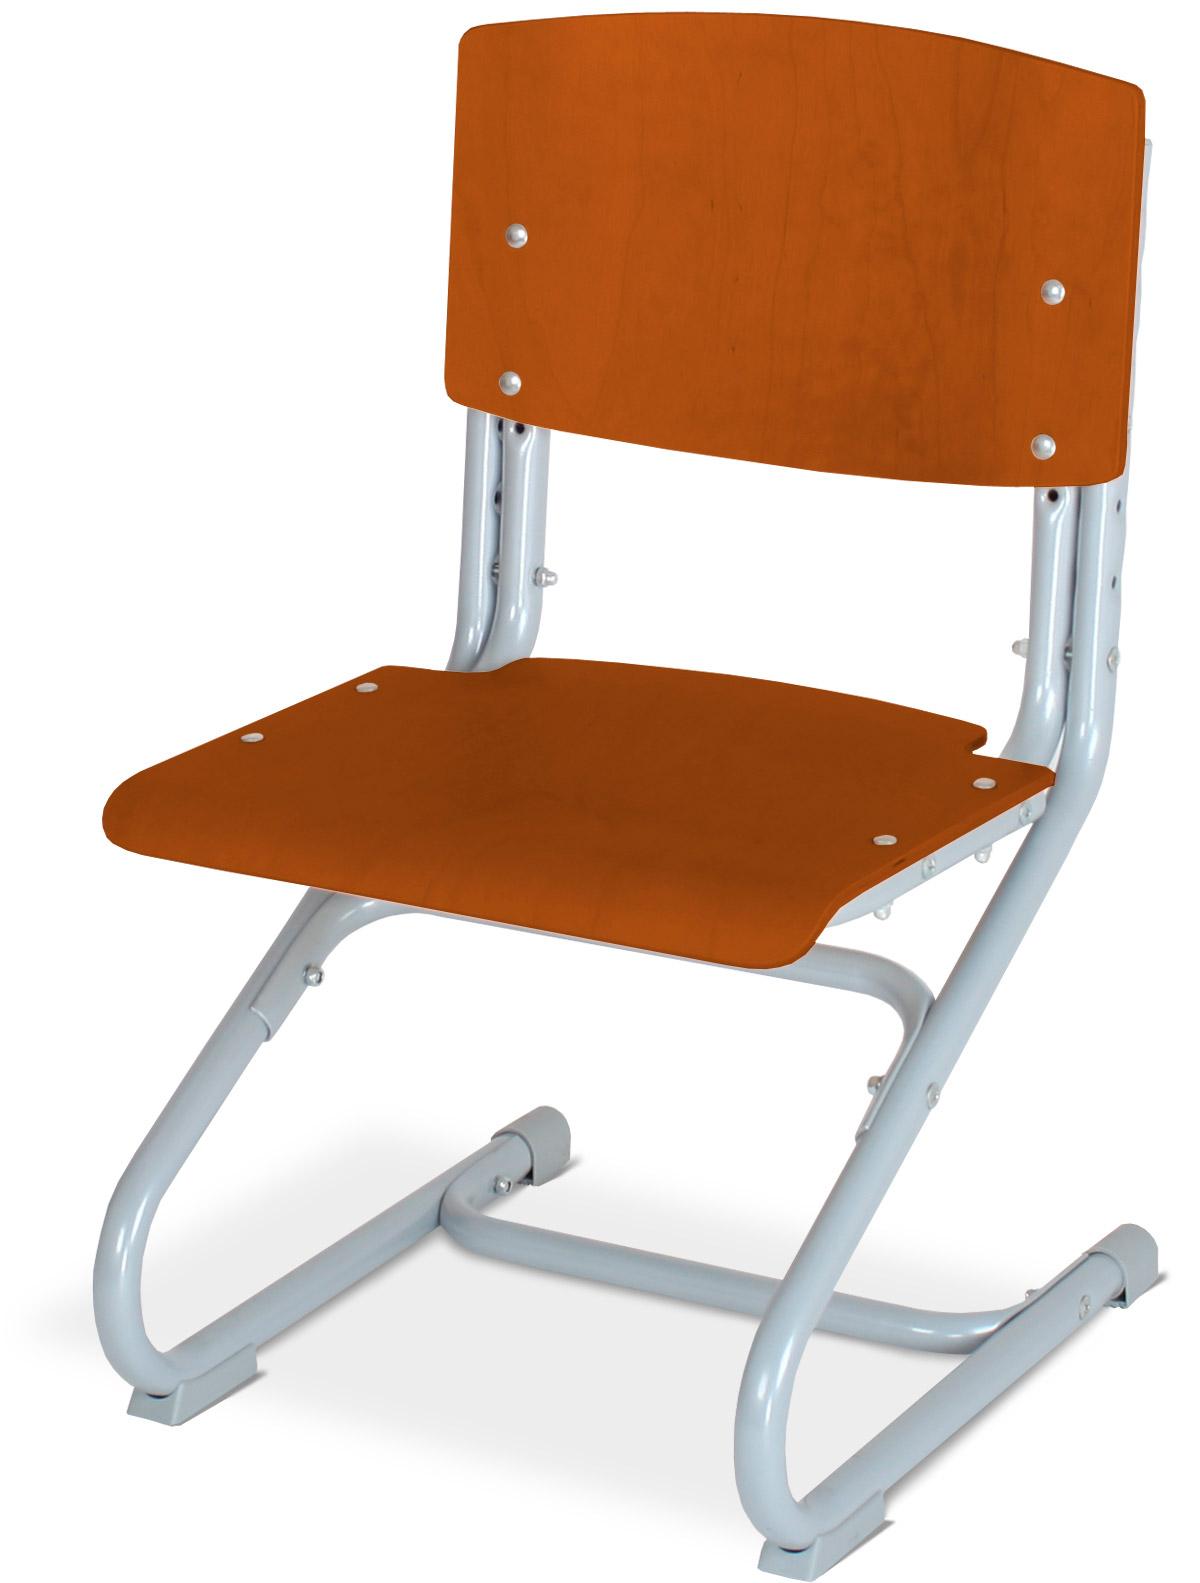 Растущий стул ДЭМИ ДЕРЕВО СУТ.02-01 (регулируется в 3-х плоскостях)